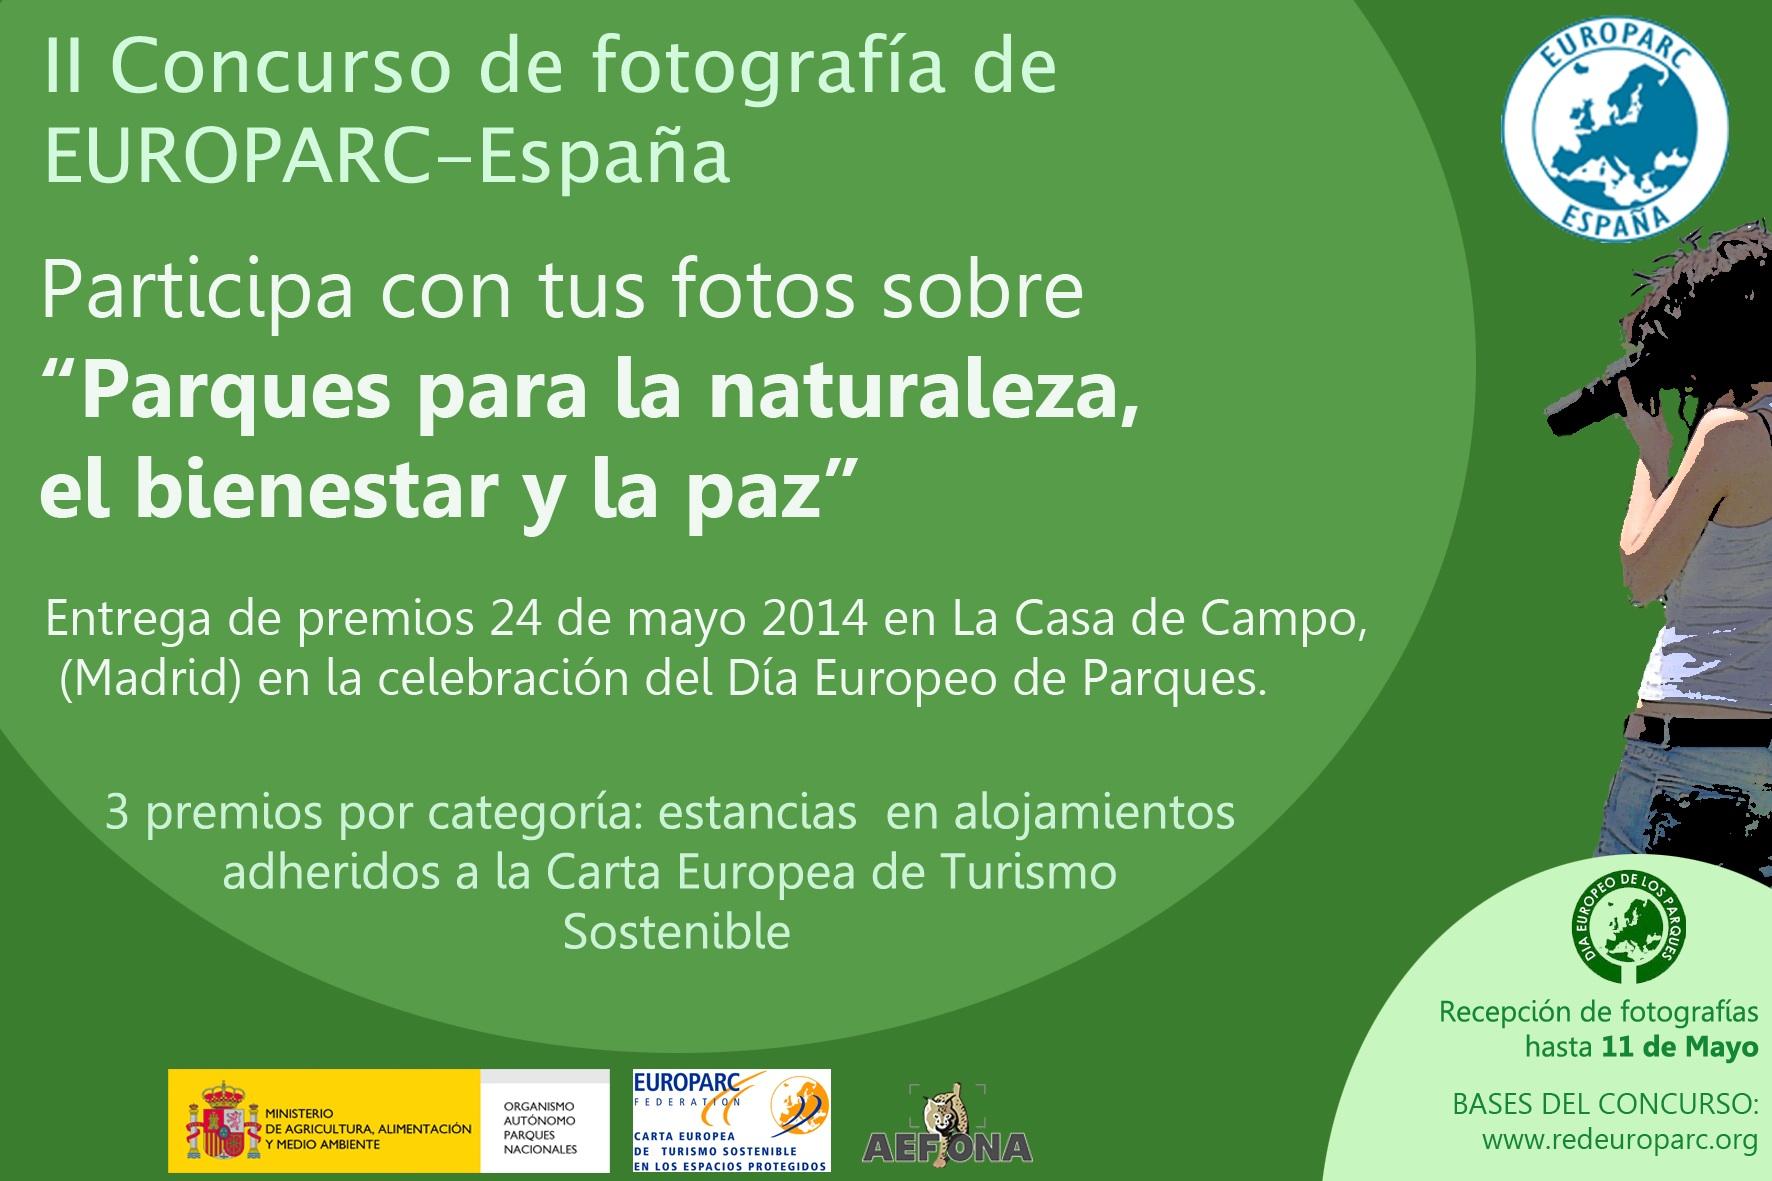 Concurso de Fotografía Europarc